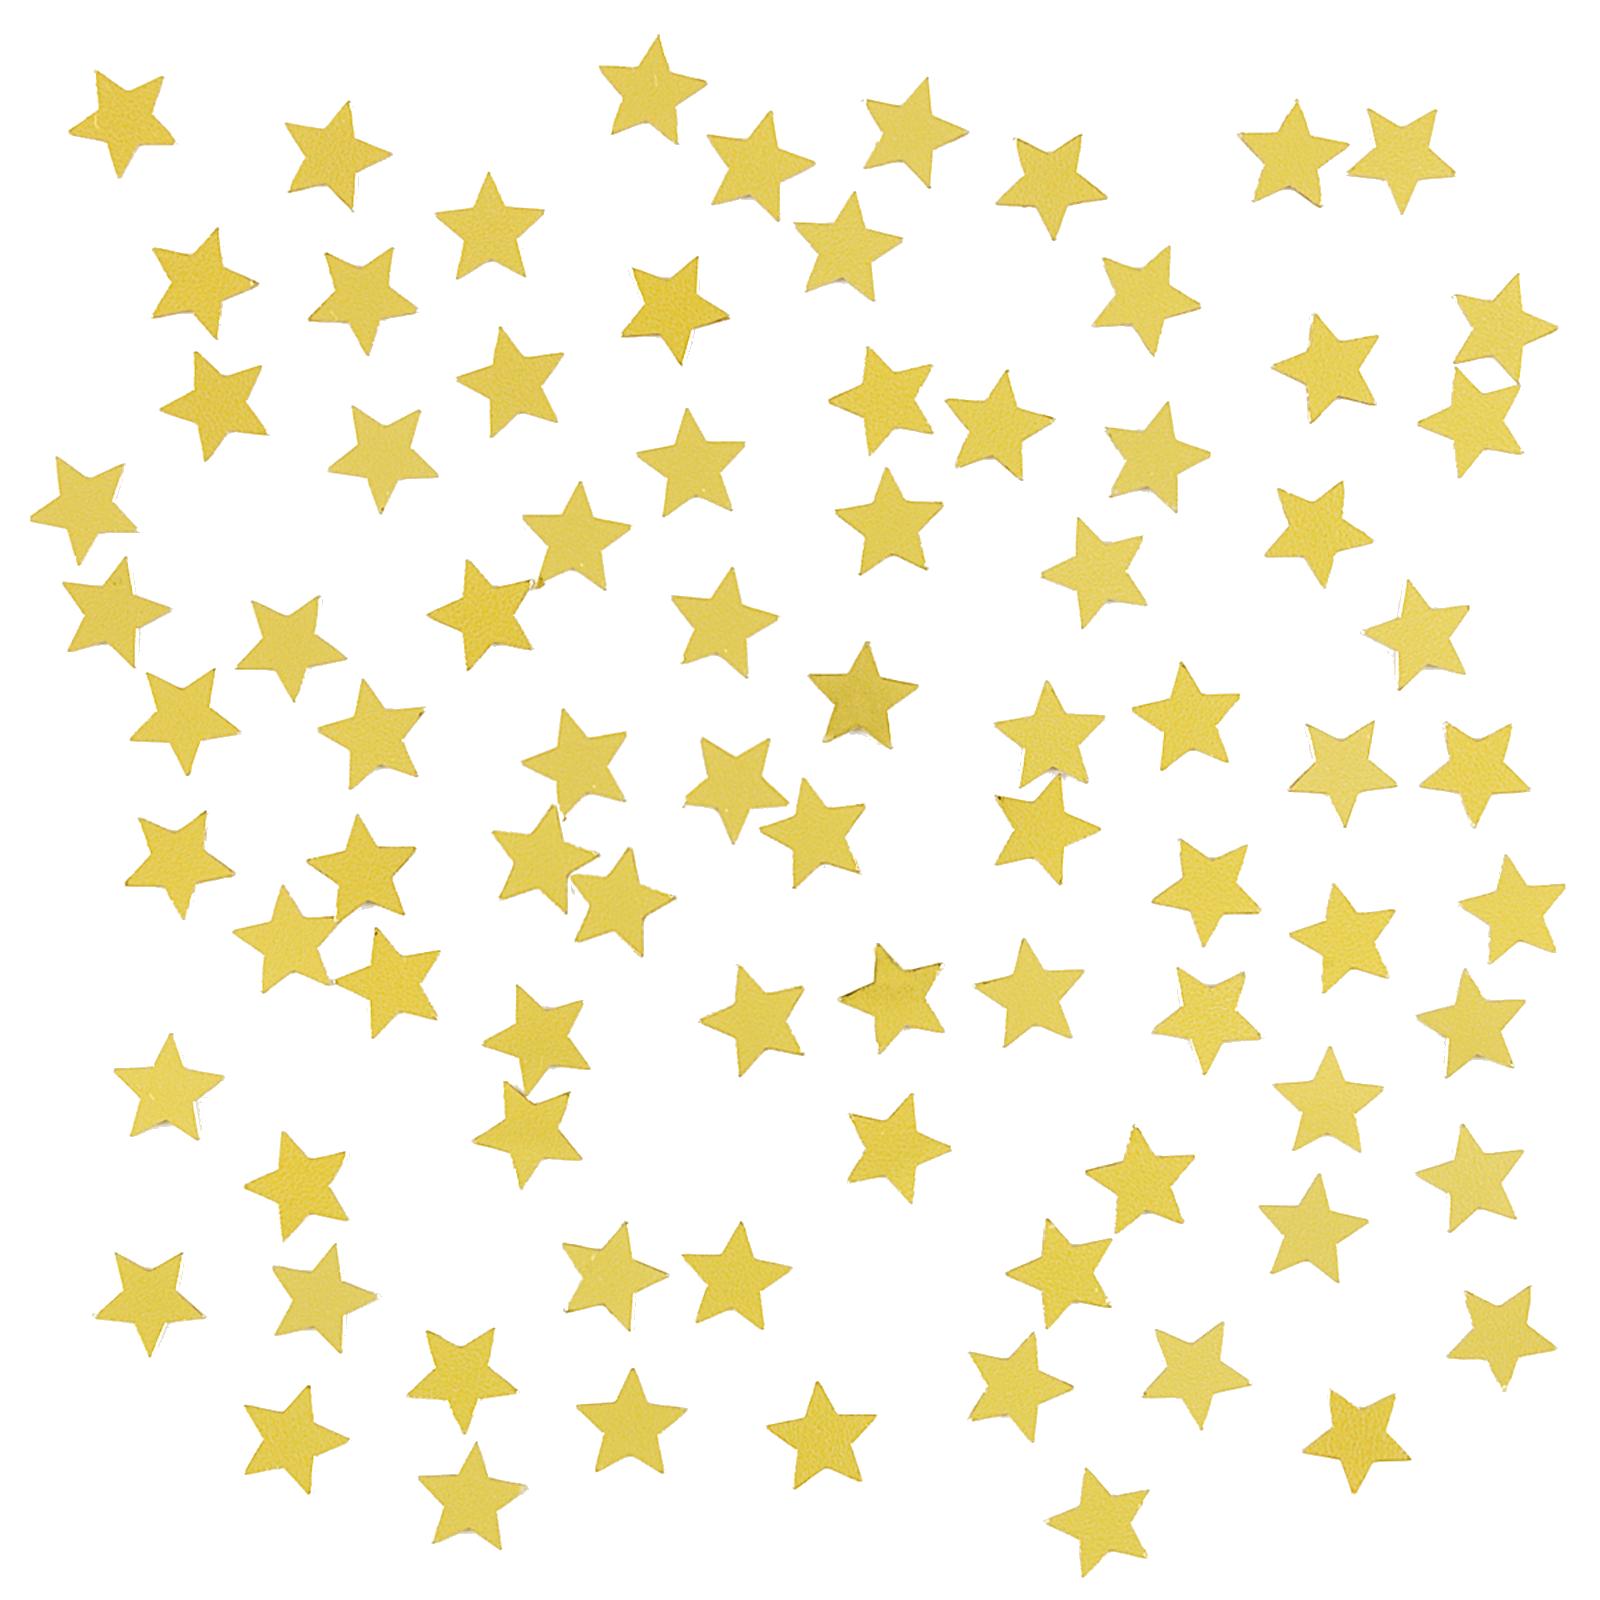 Gold star confetti clipart clipart black and white download Star Gold Confetti Clip art - Gold Star Sticker PNG Photos 1600*1600 ... clipart black and white download